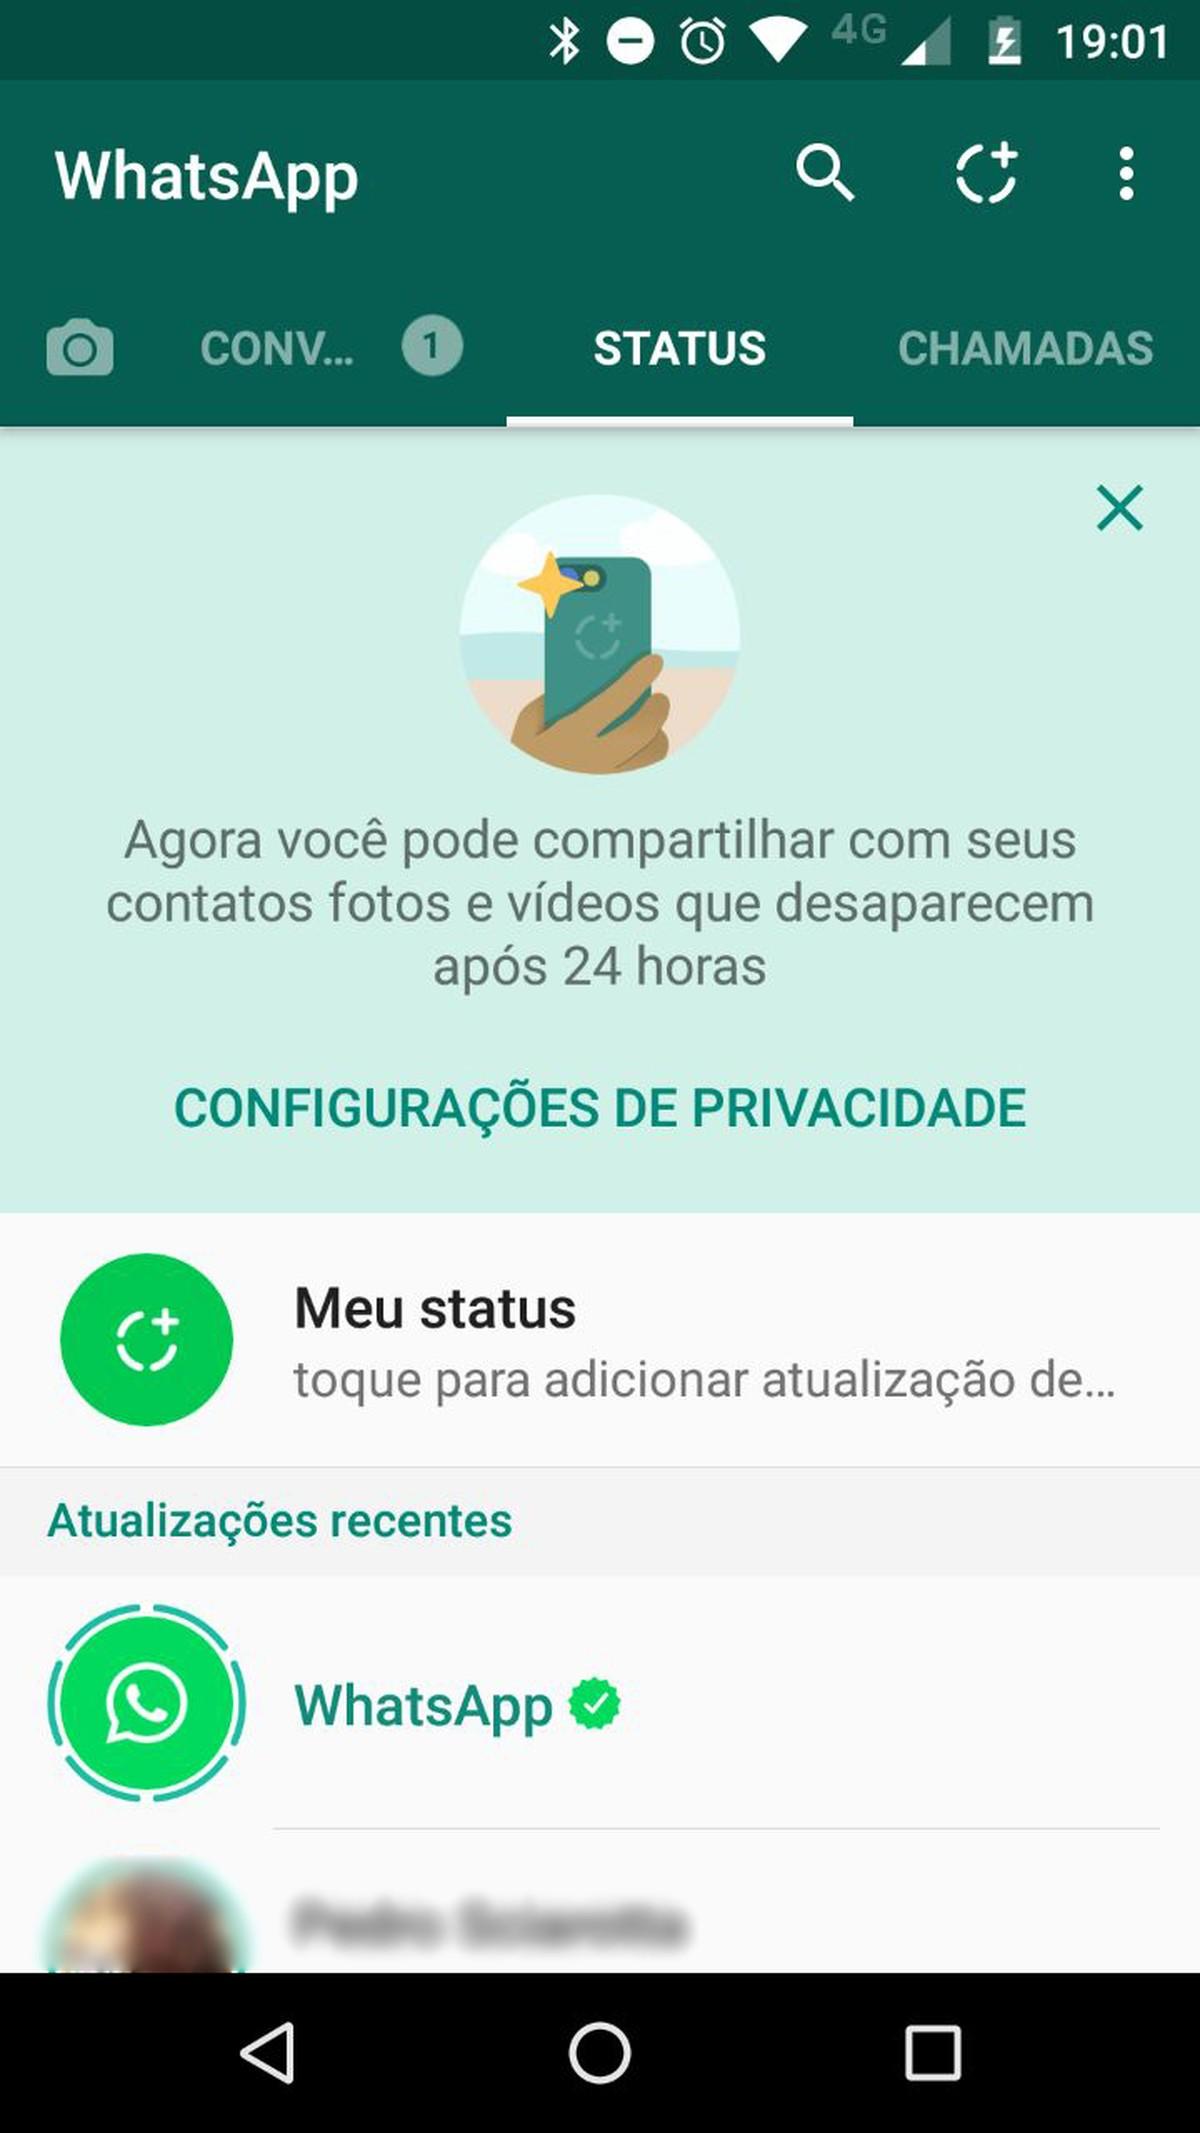 Whatsapp Status Com Imagens Que Somem Em 24 Horas Chega Ao Brasil